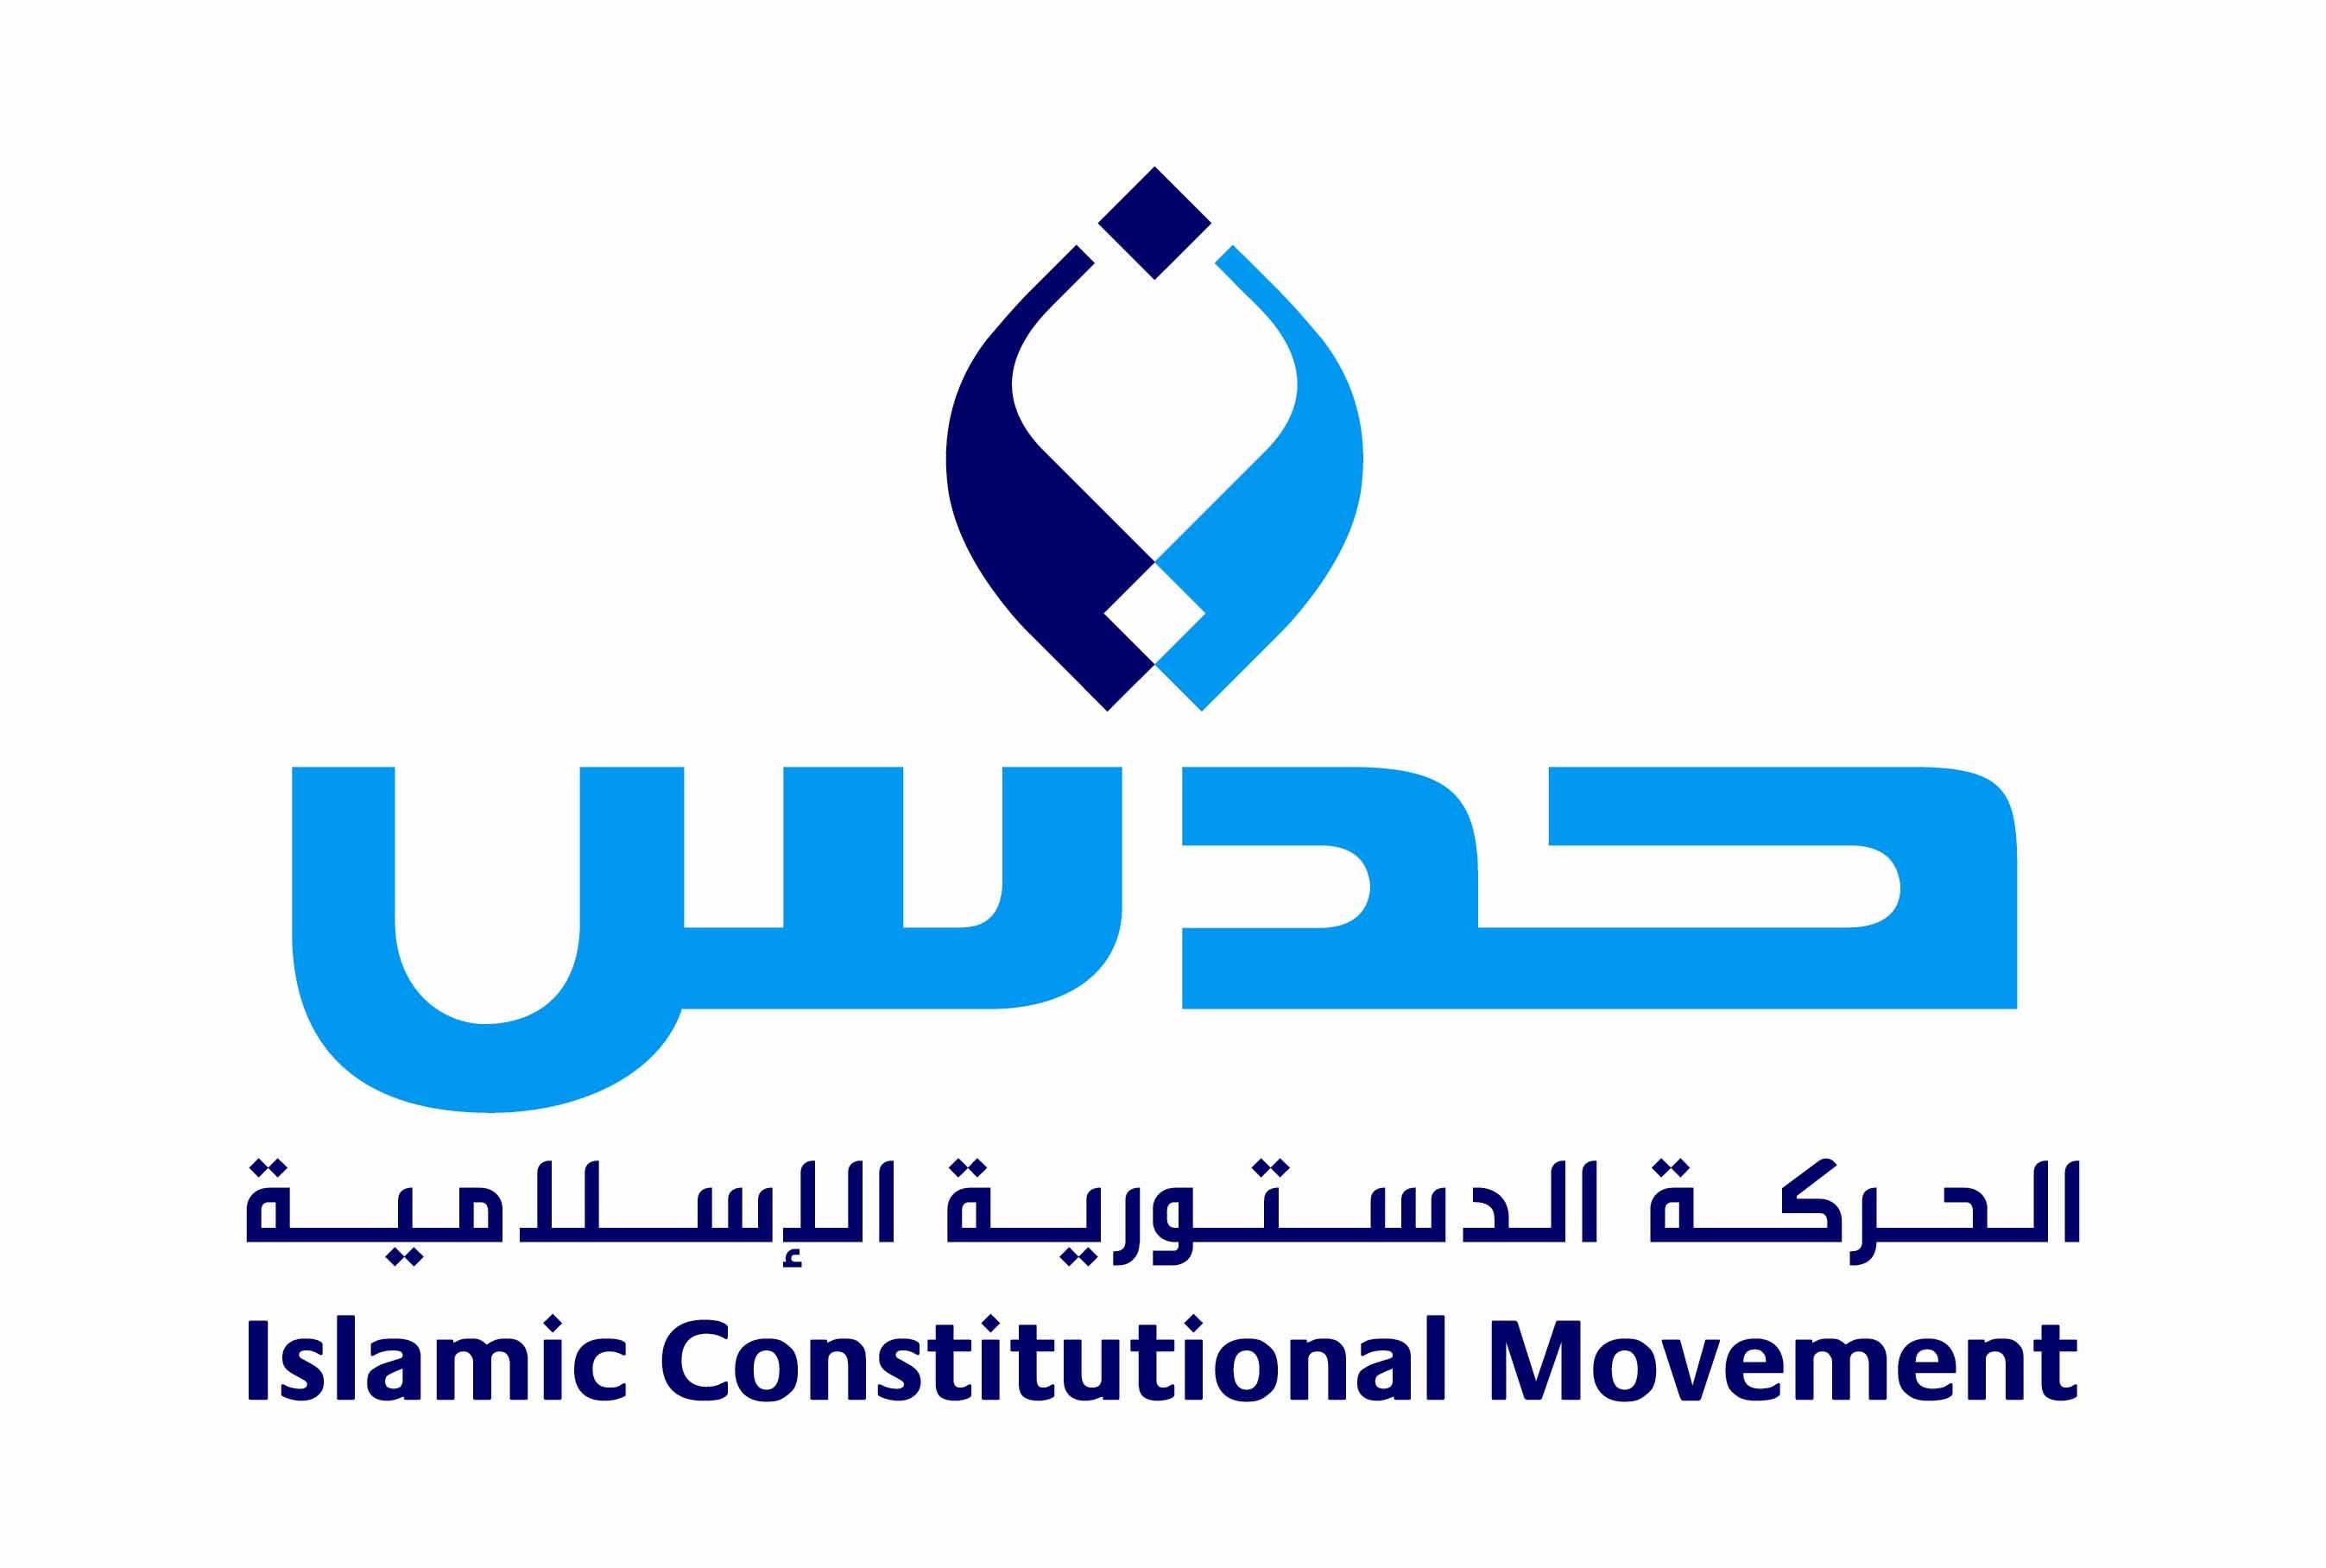 الحركة الدستورية الإسلامية رداً على بيان الترشح للانتخابات: ندعو الحكومة إلى النأي عن نهج العزل والإقصاء السياسي